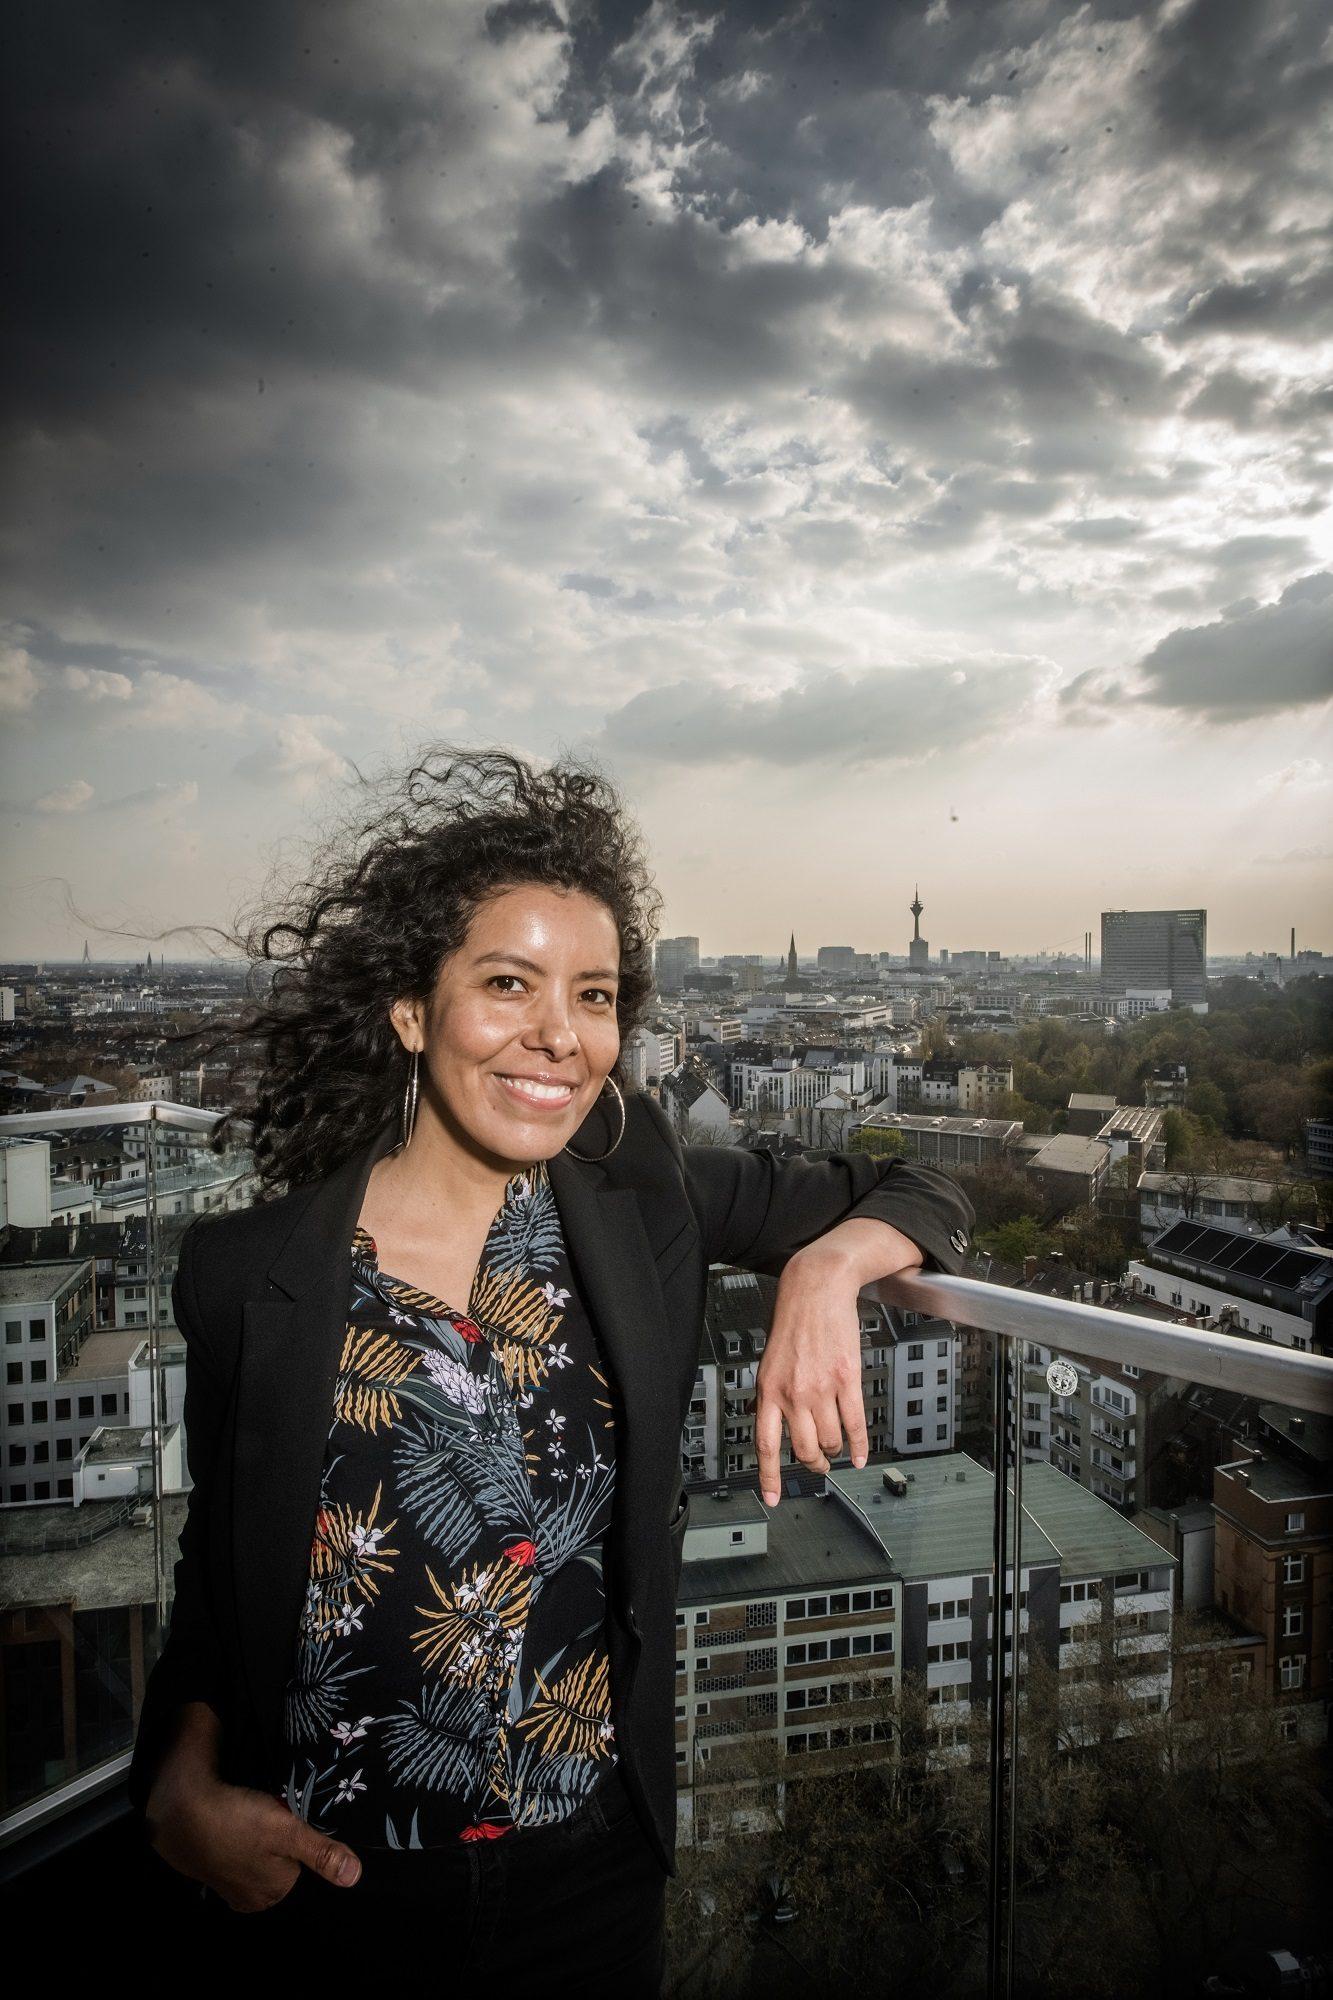 Karina Rosdriguez hat einen besonderen Blick auf Düsseldorf - und das nicht nur von der Terrasse dieses Hotels. Foto: Andreas Endermann